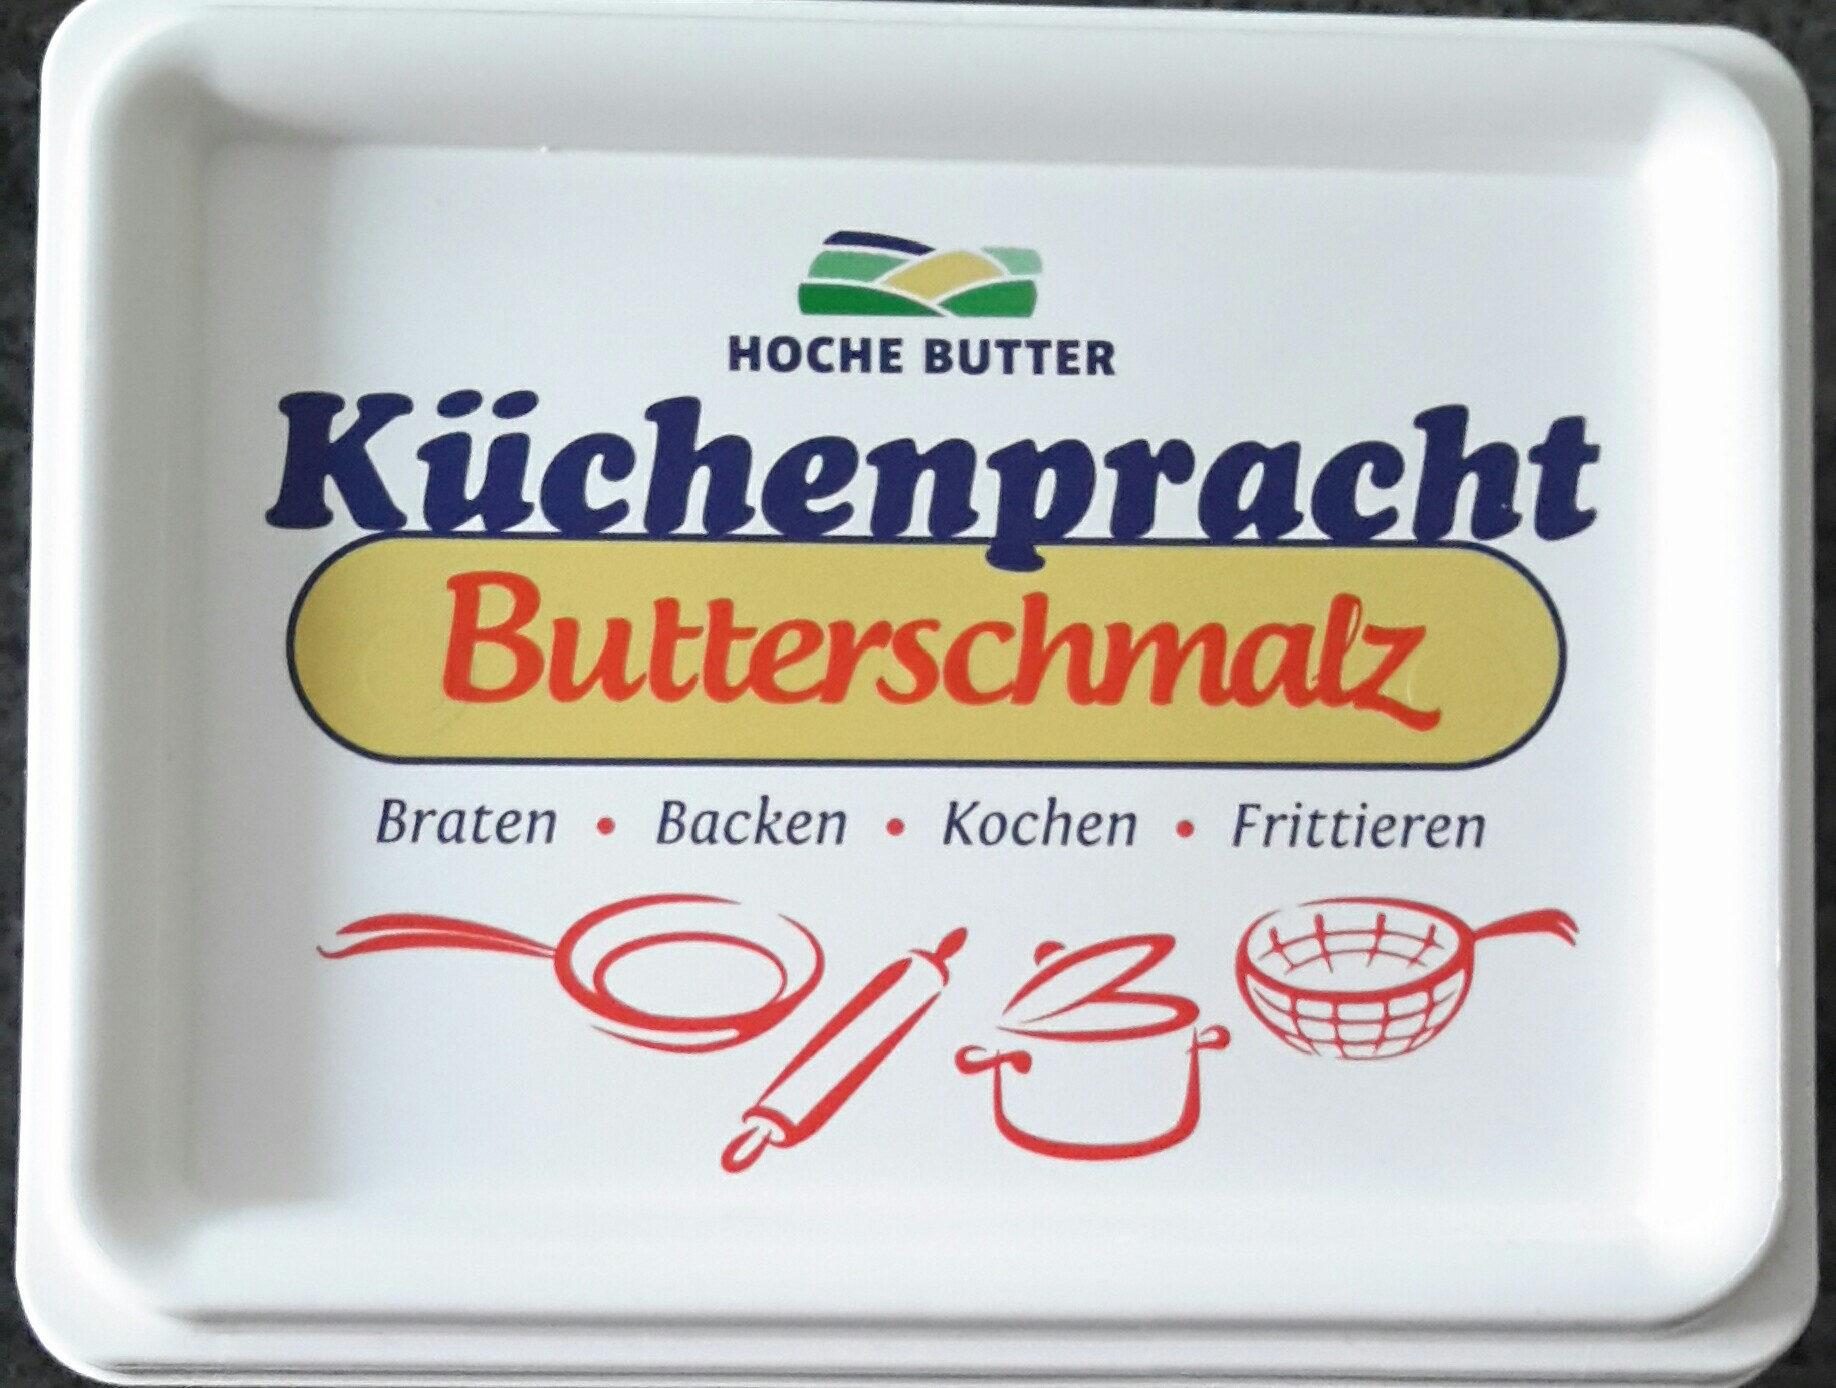 Küchenpracht Butterschmalz - Product - de